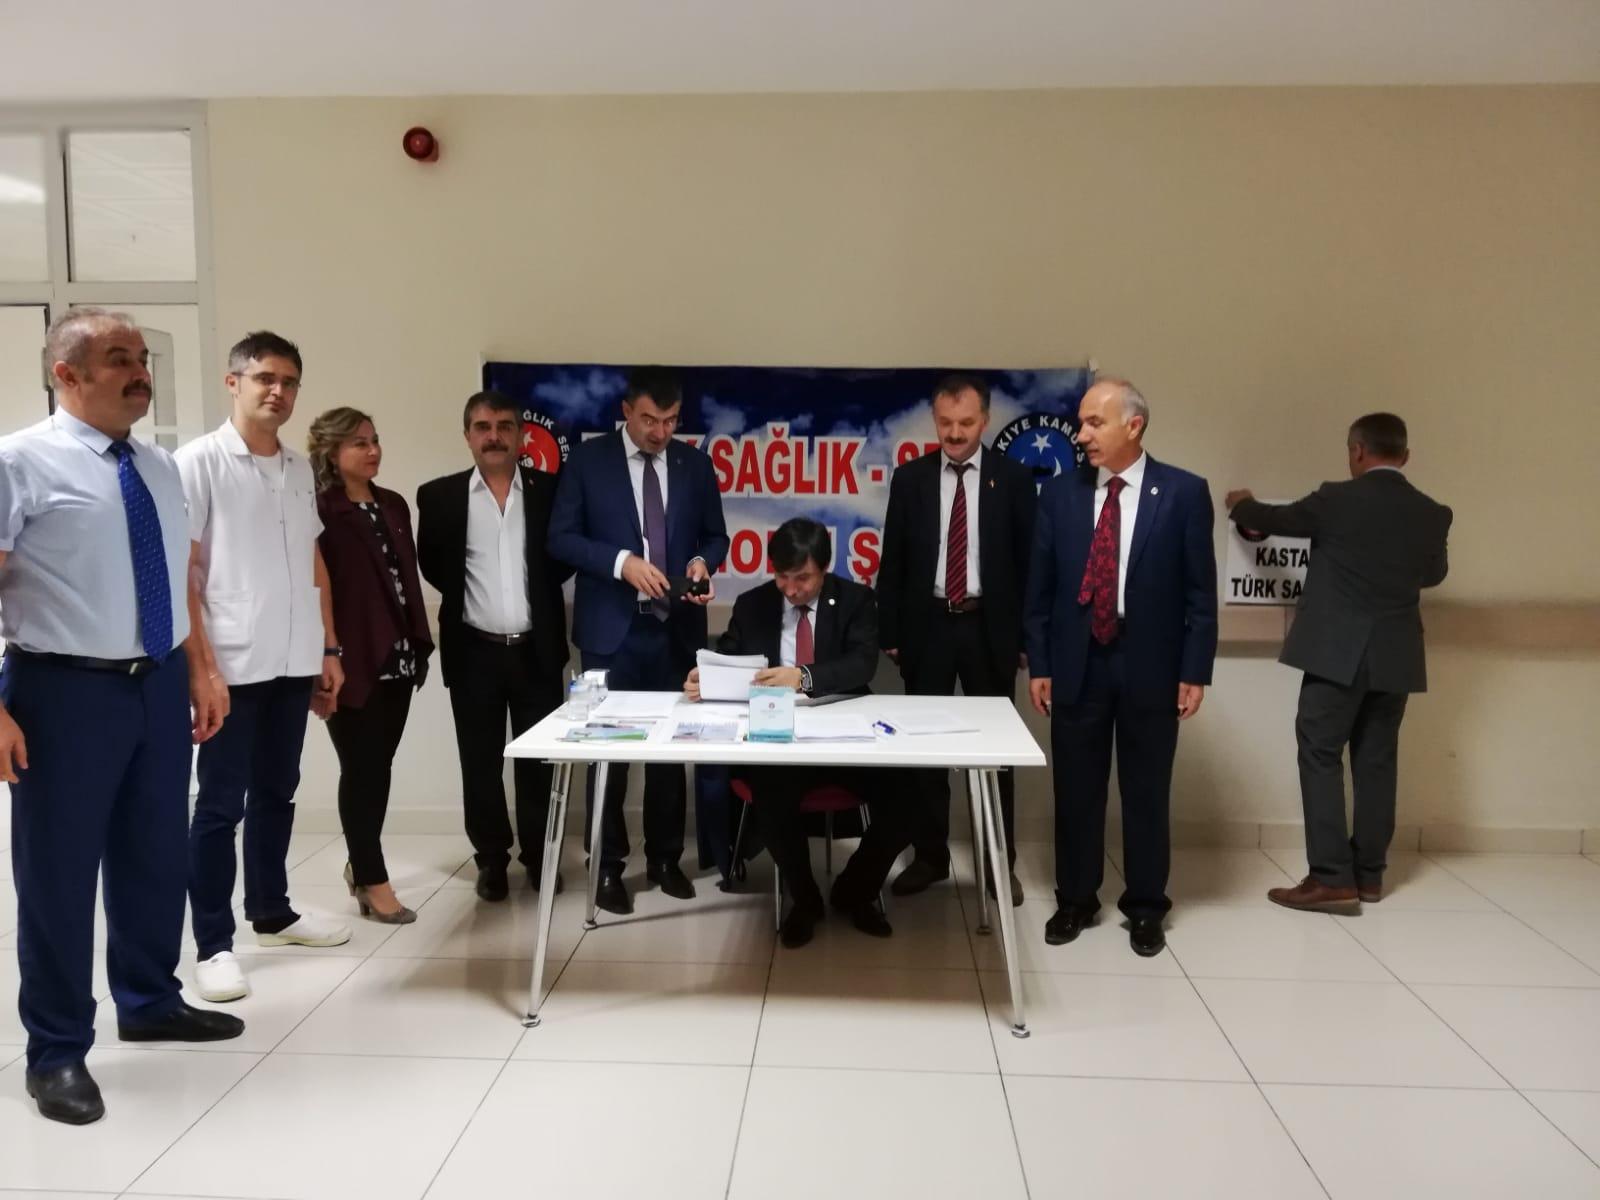 Genel Başkan Yardımcılarımız İsmail Türk ve Mustafa Köse sendikal çalışmalar kapsamında ziyaret ettikleri Kastamonu'da Yıpranma payı dilekçe kampanyamızı da fiilen başlattılar.